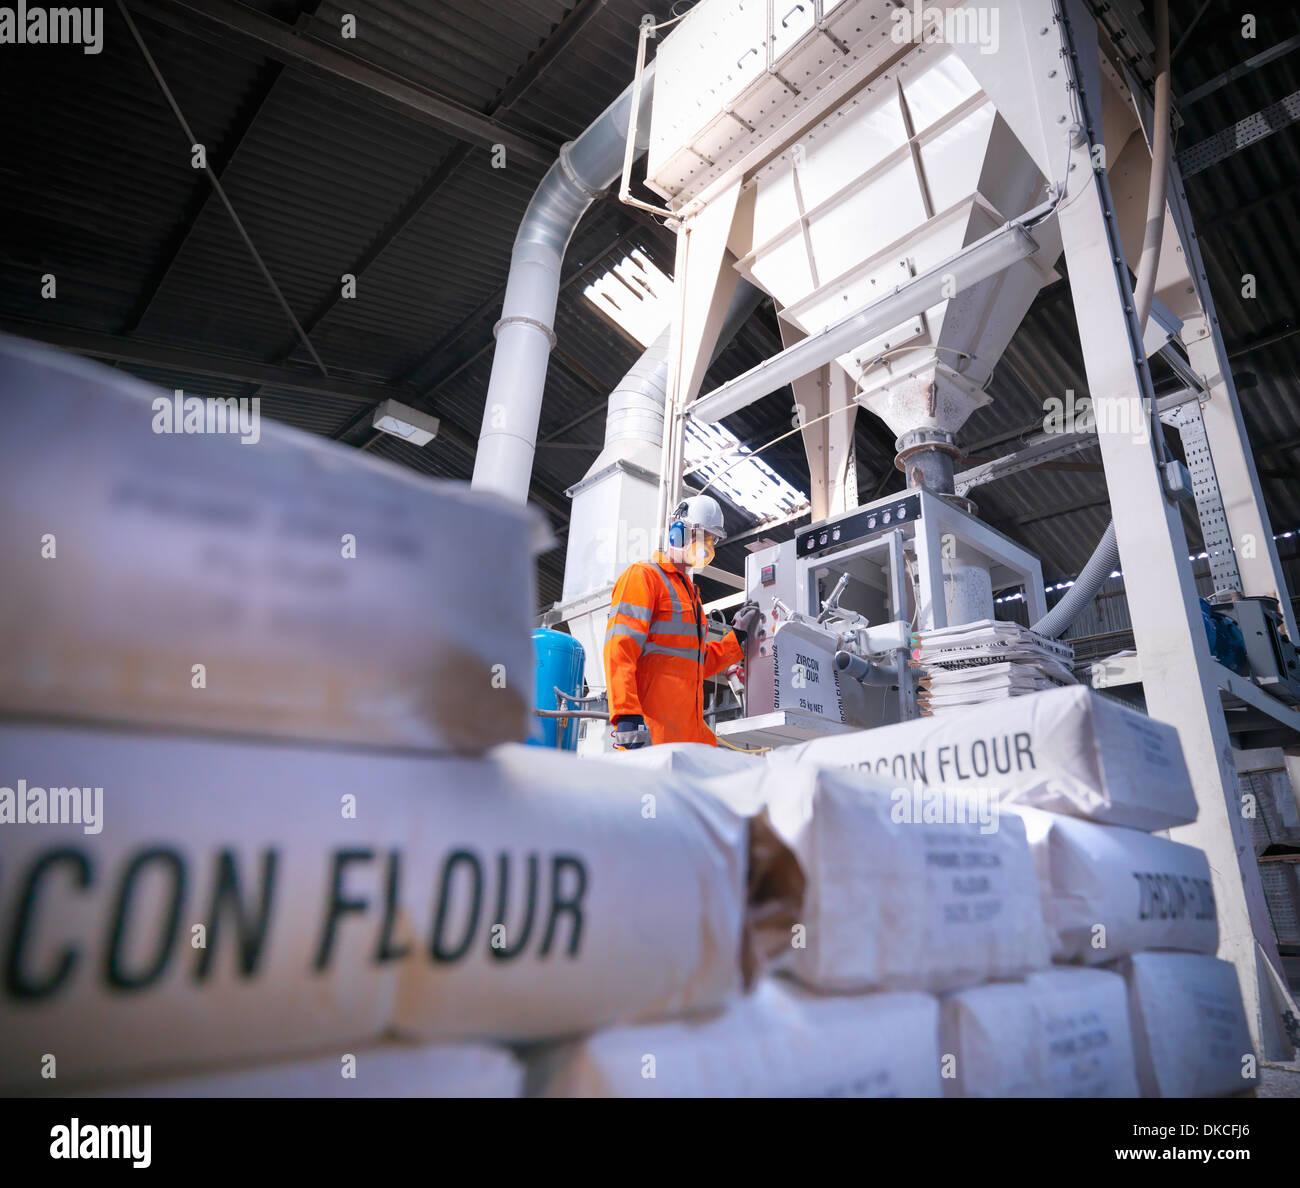 Arbeiter in Schutzkleidung füllen Zirkon Mehl Taschen in Mühle, niedrigen Winkel Ansicht Stockbild